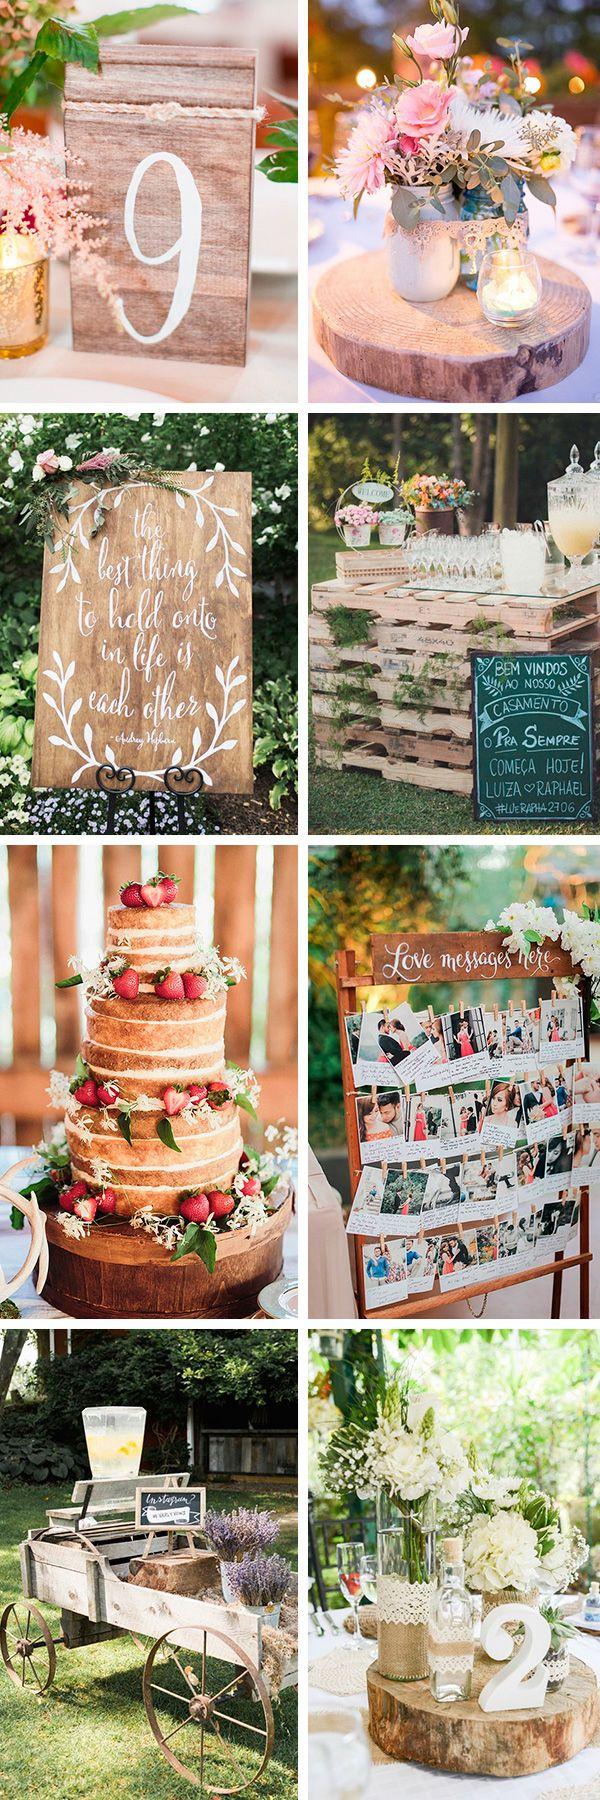 Ideas románticas y encantadoras para decorar una boda | El Blog de una Novia | #boda #rustico